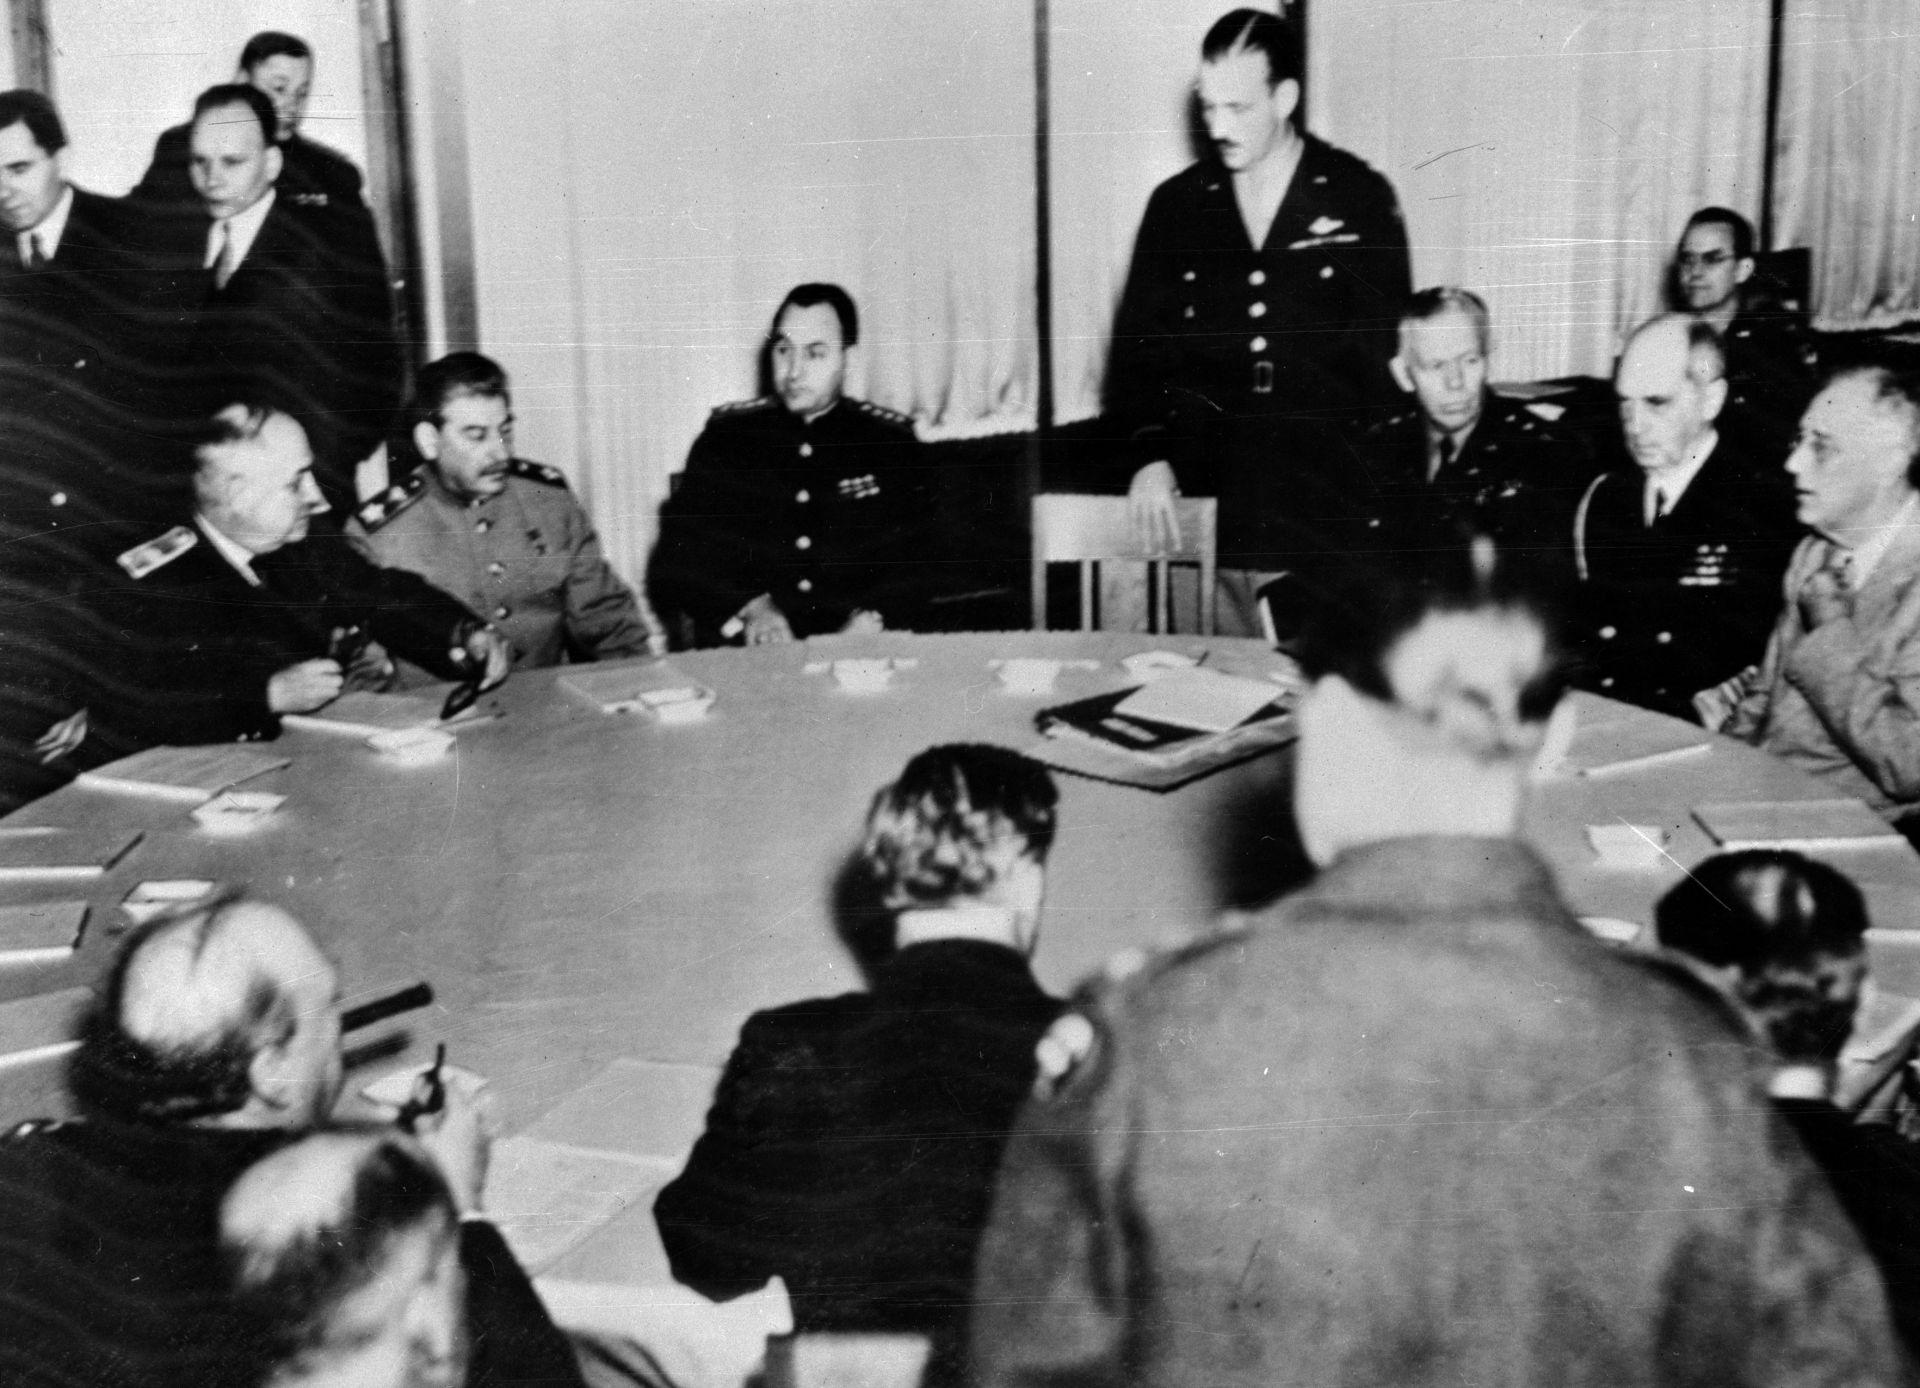 Американският президент Рузвелт (1882 - 1945), вдясно, с адмирал Уилям Д. Лехи и генерал Джордж К. Маршал на конференцията в Ялта през 1945 г.  Сталин, вляво от центъра на масата, и Чърчил, са с гръб към фотообектива